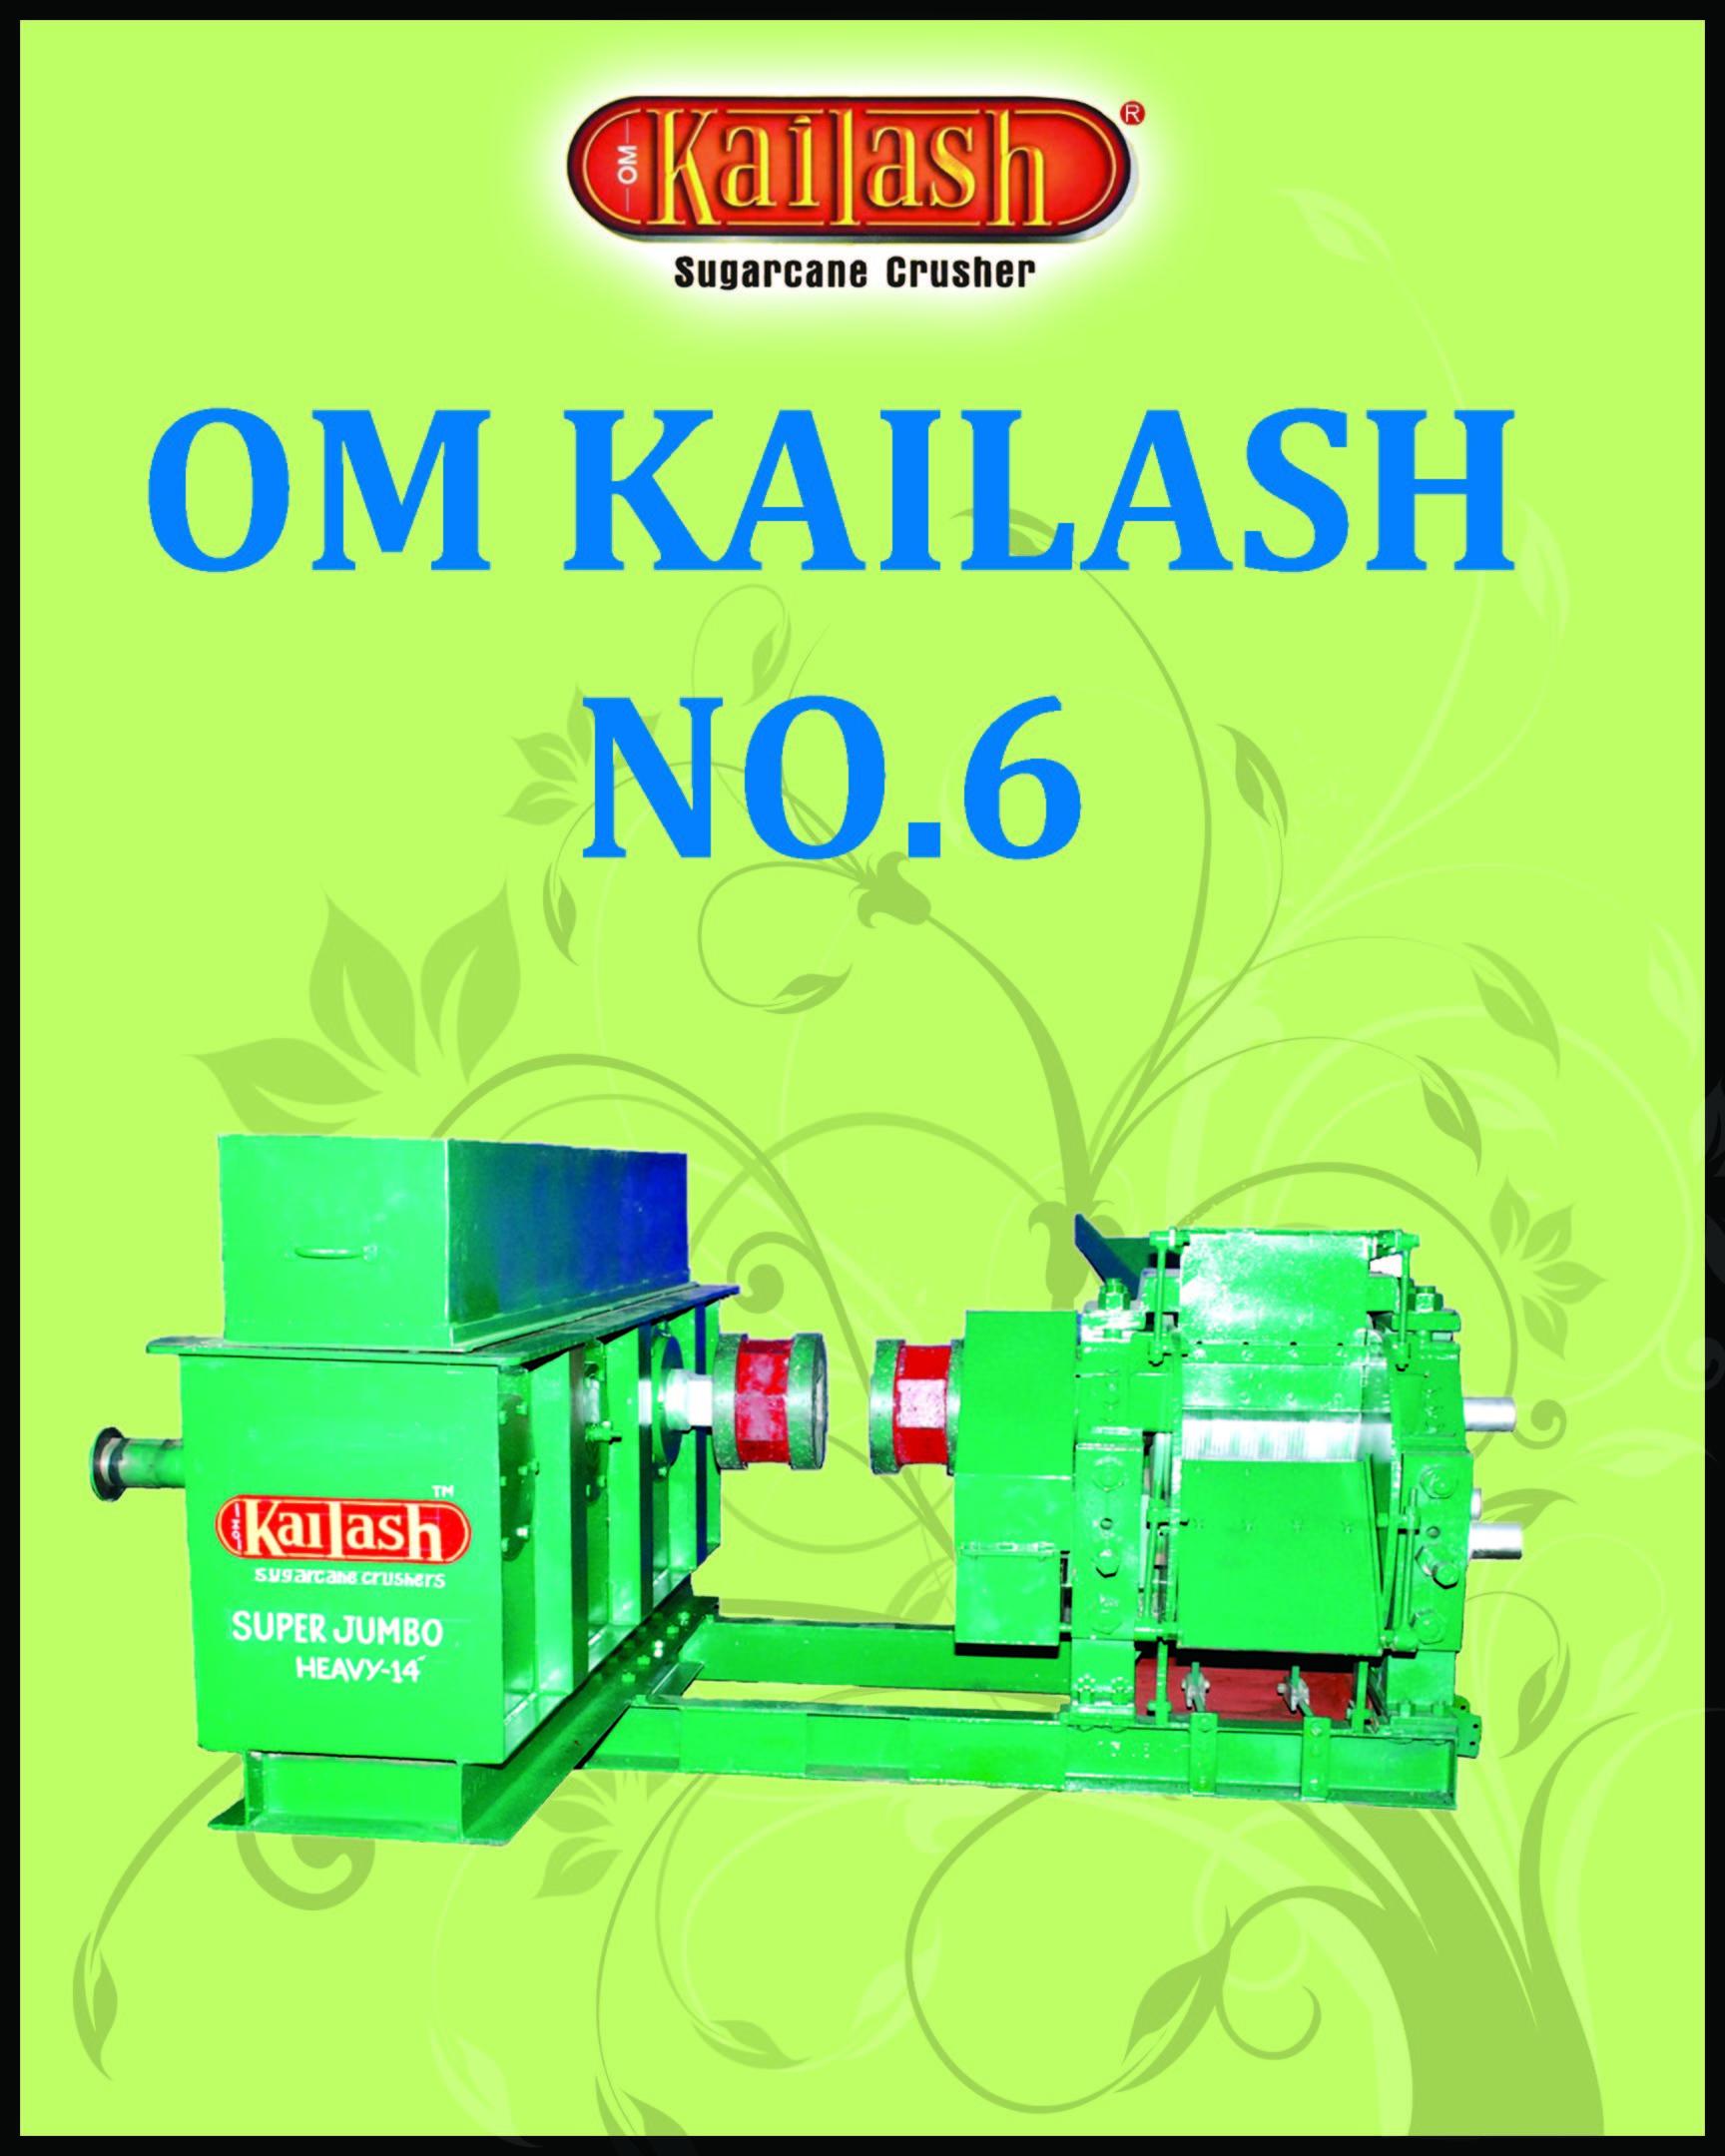 Om Kailash No. Super Jumbo Heavy Chottu Sugarcane Crusher